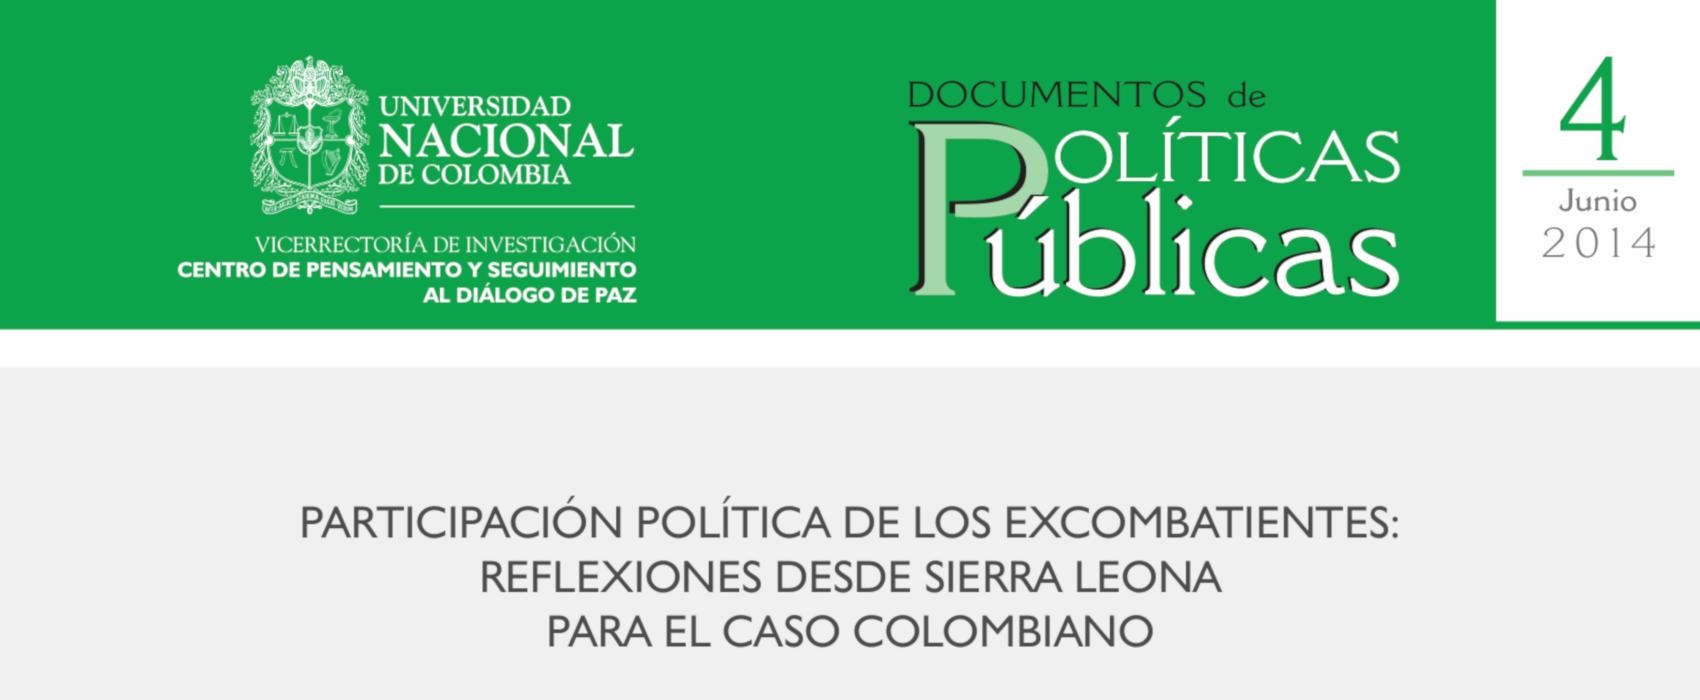 4. «Participación política de los excombatientes: reflexiones desde Sierra Leona para el caso colombiano»